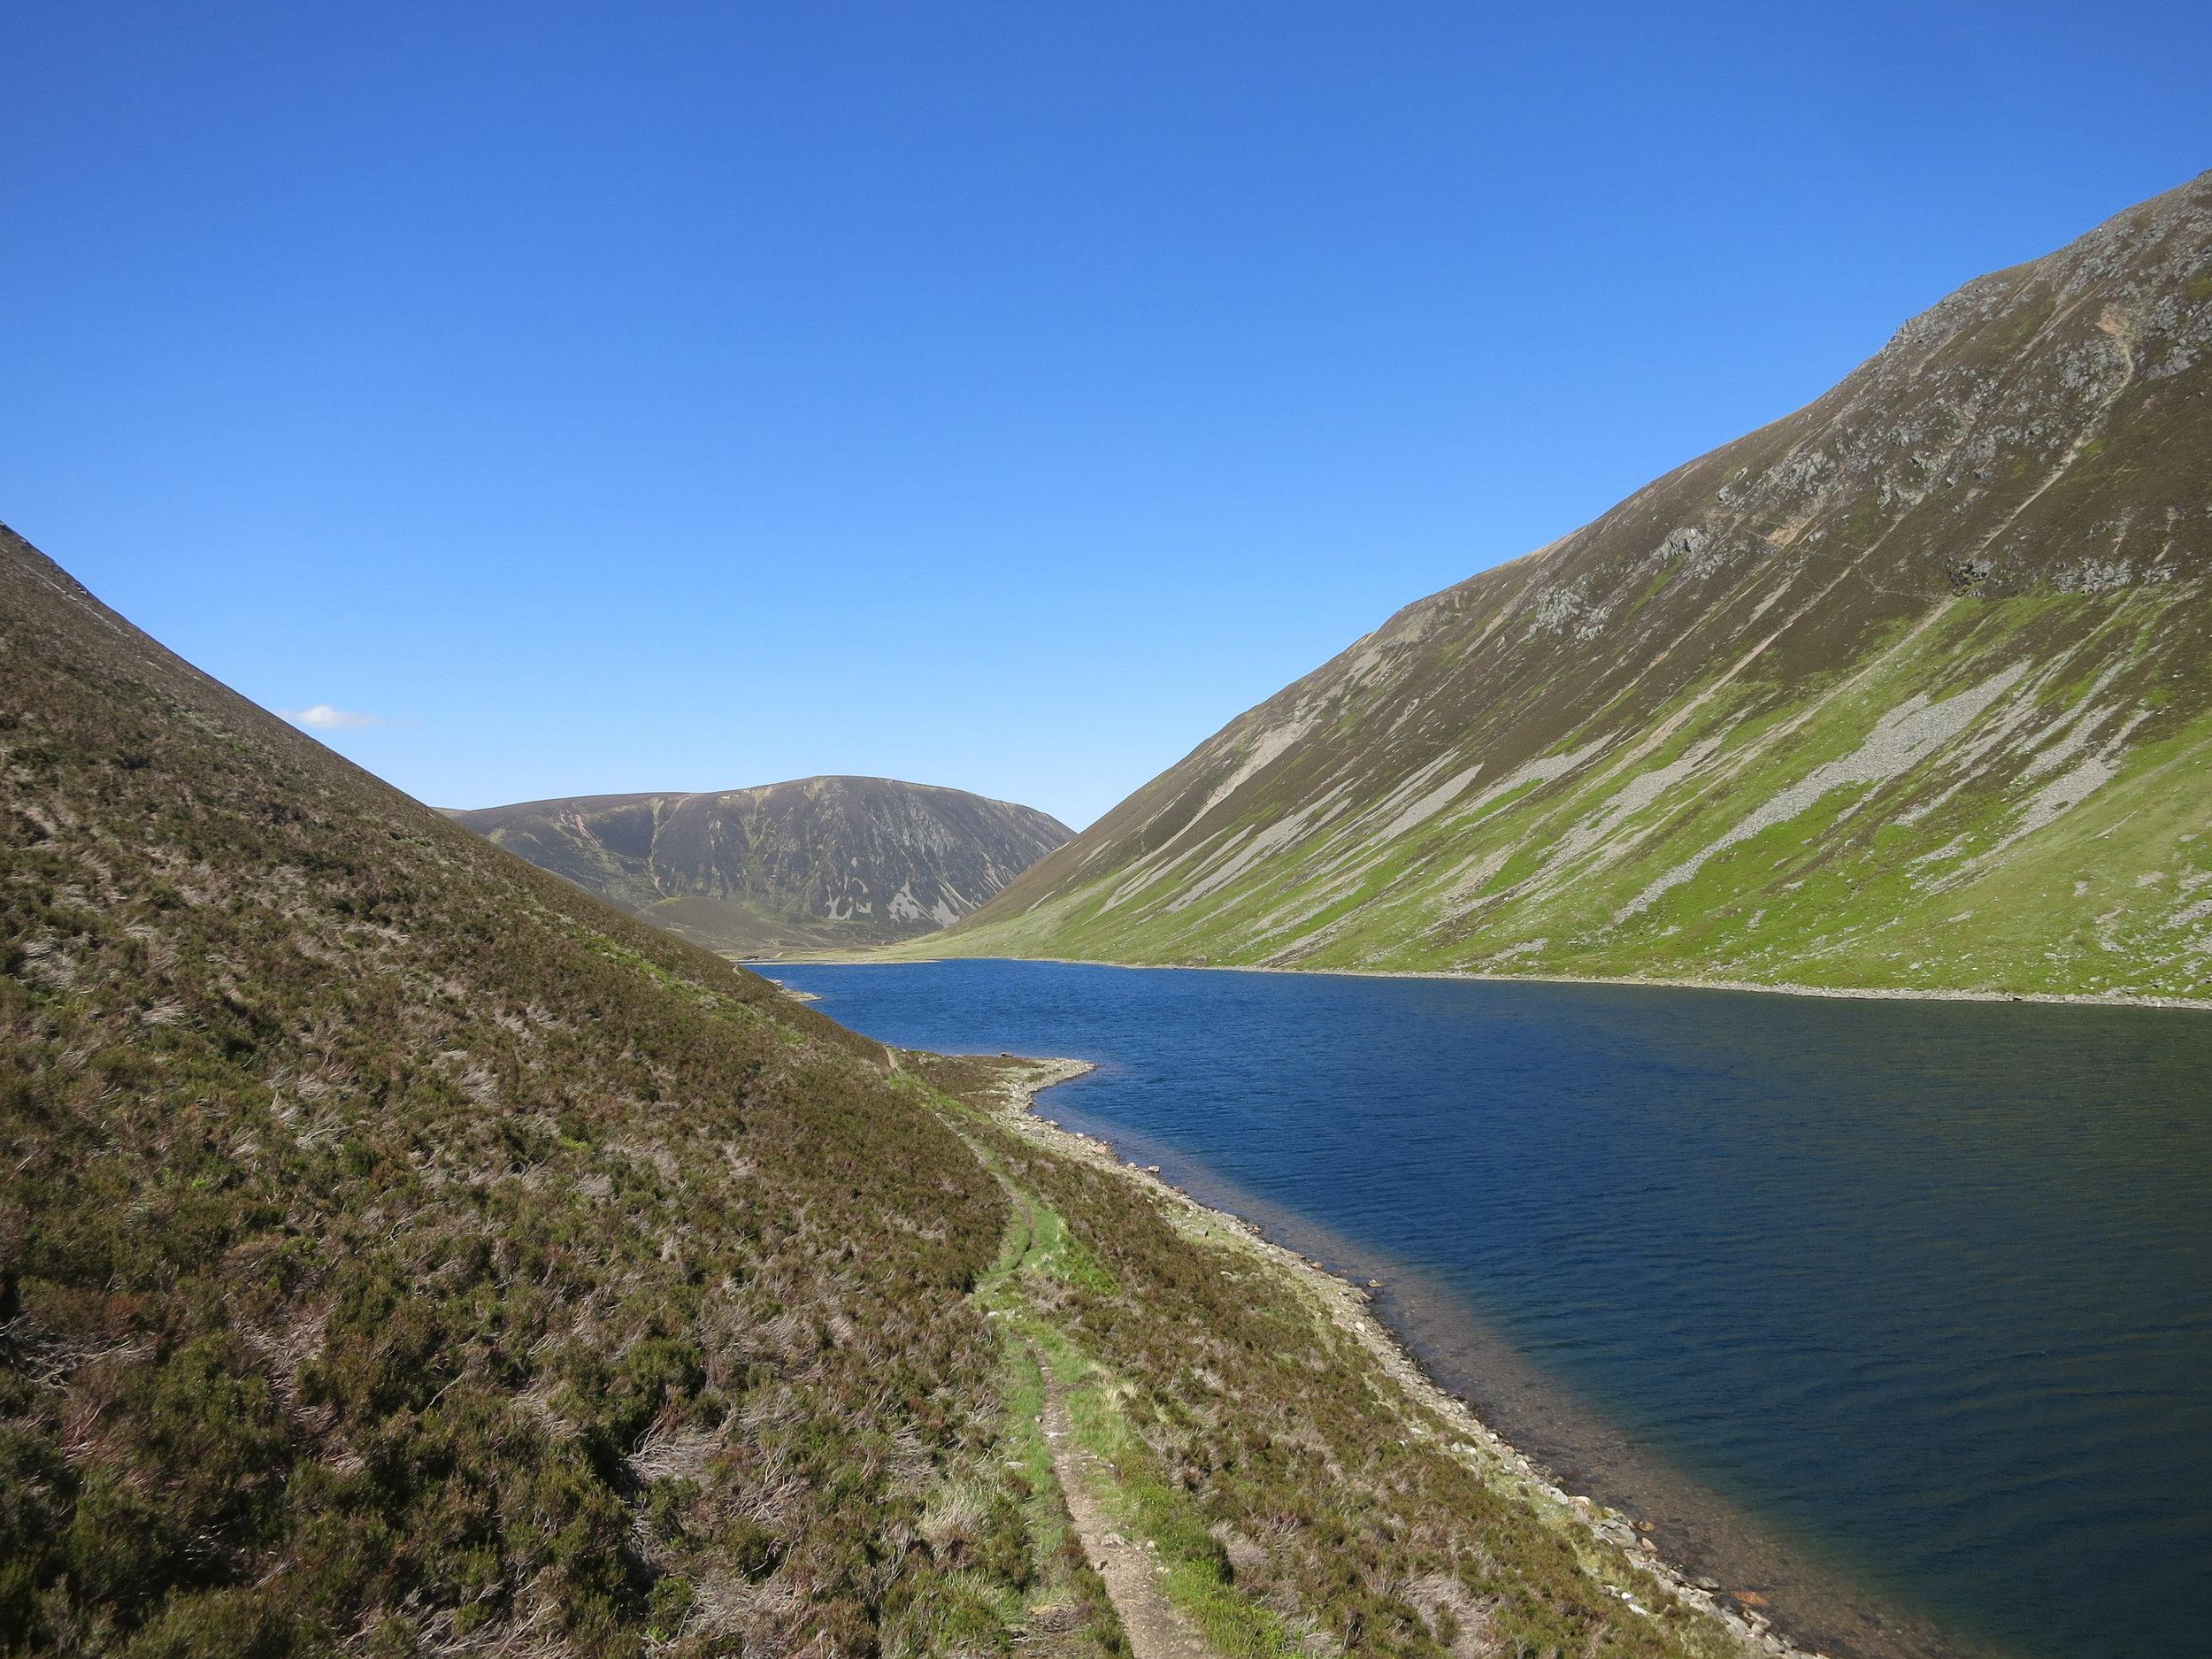 Loch an Duin